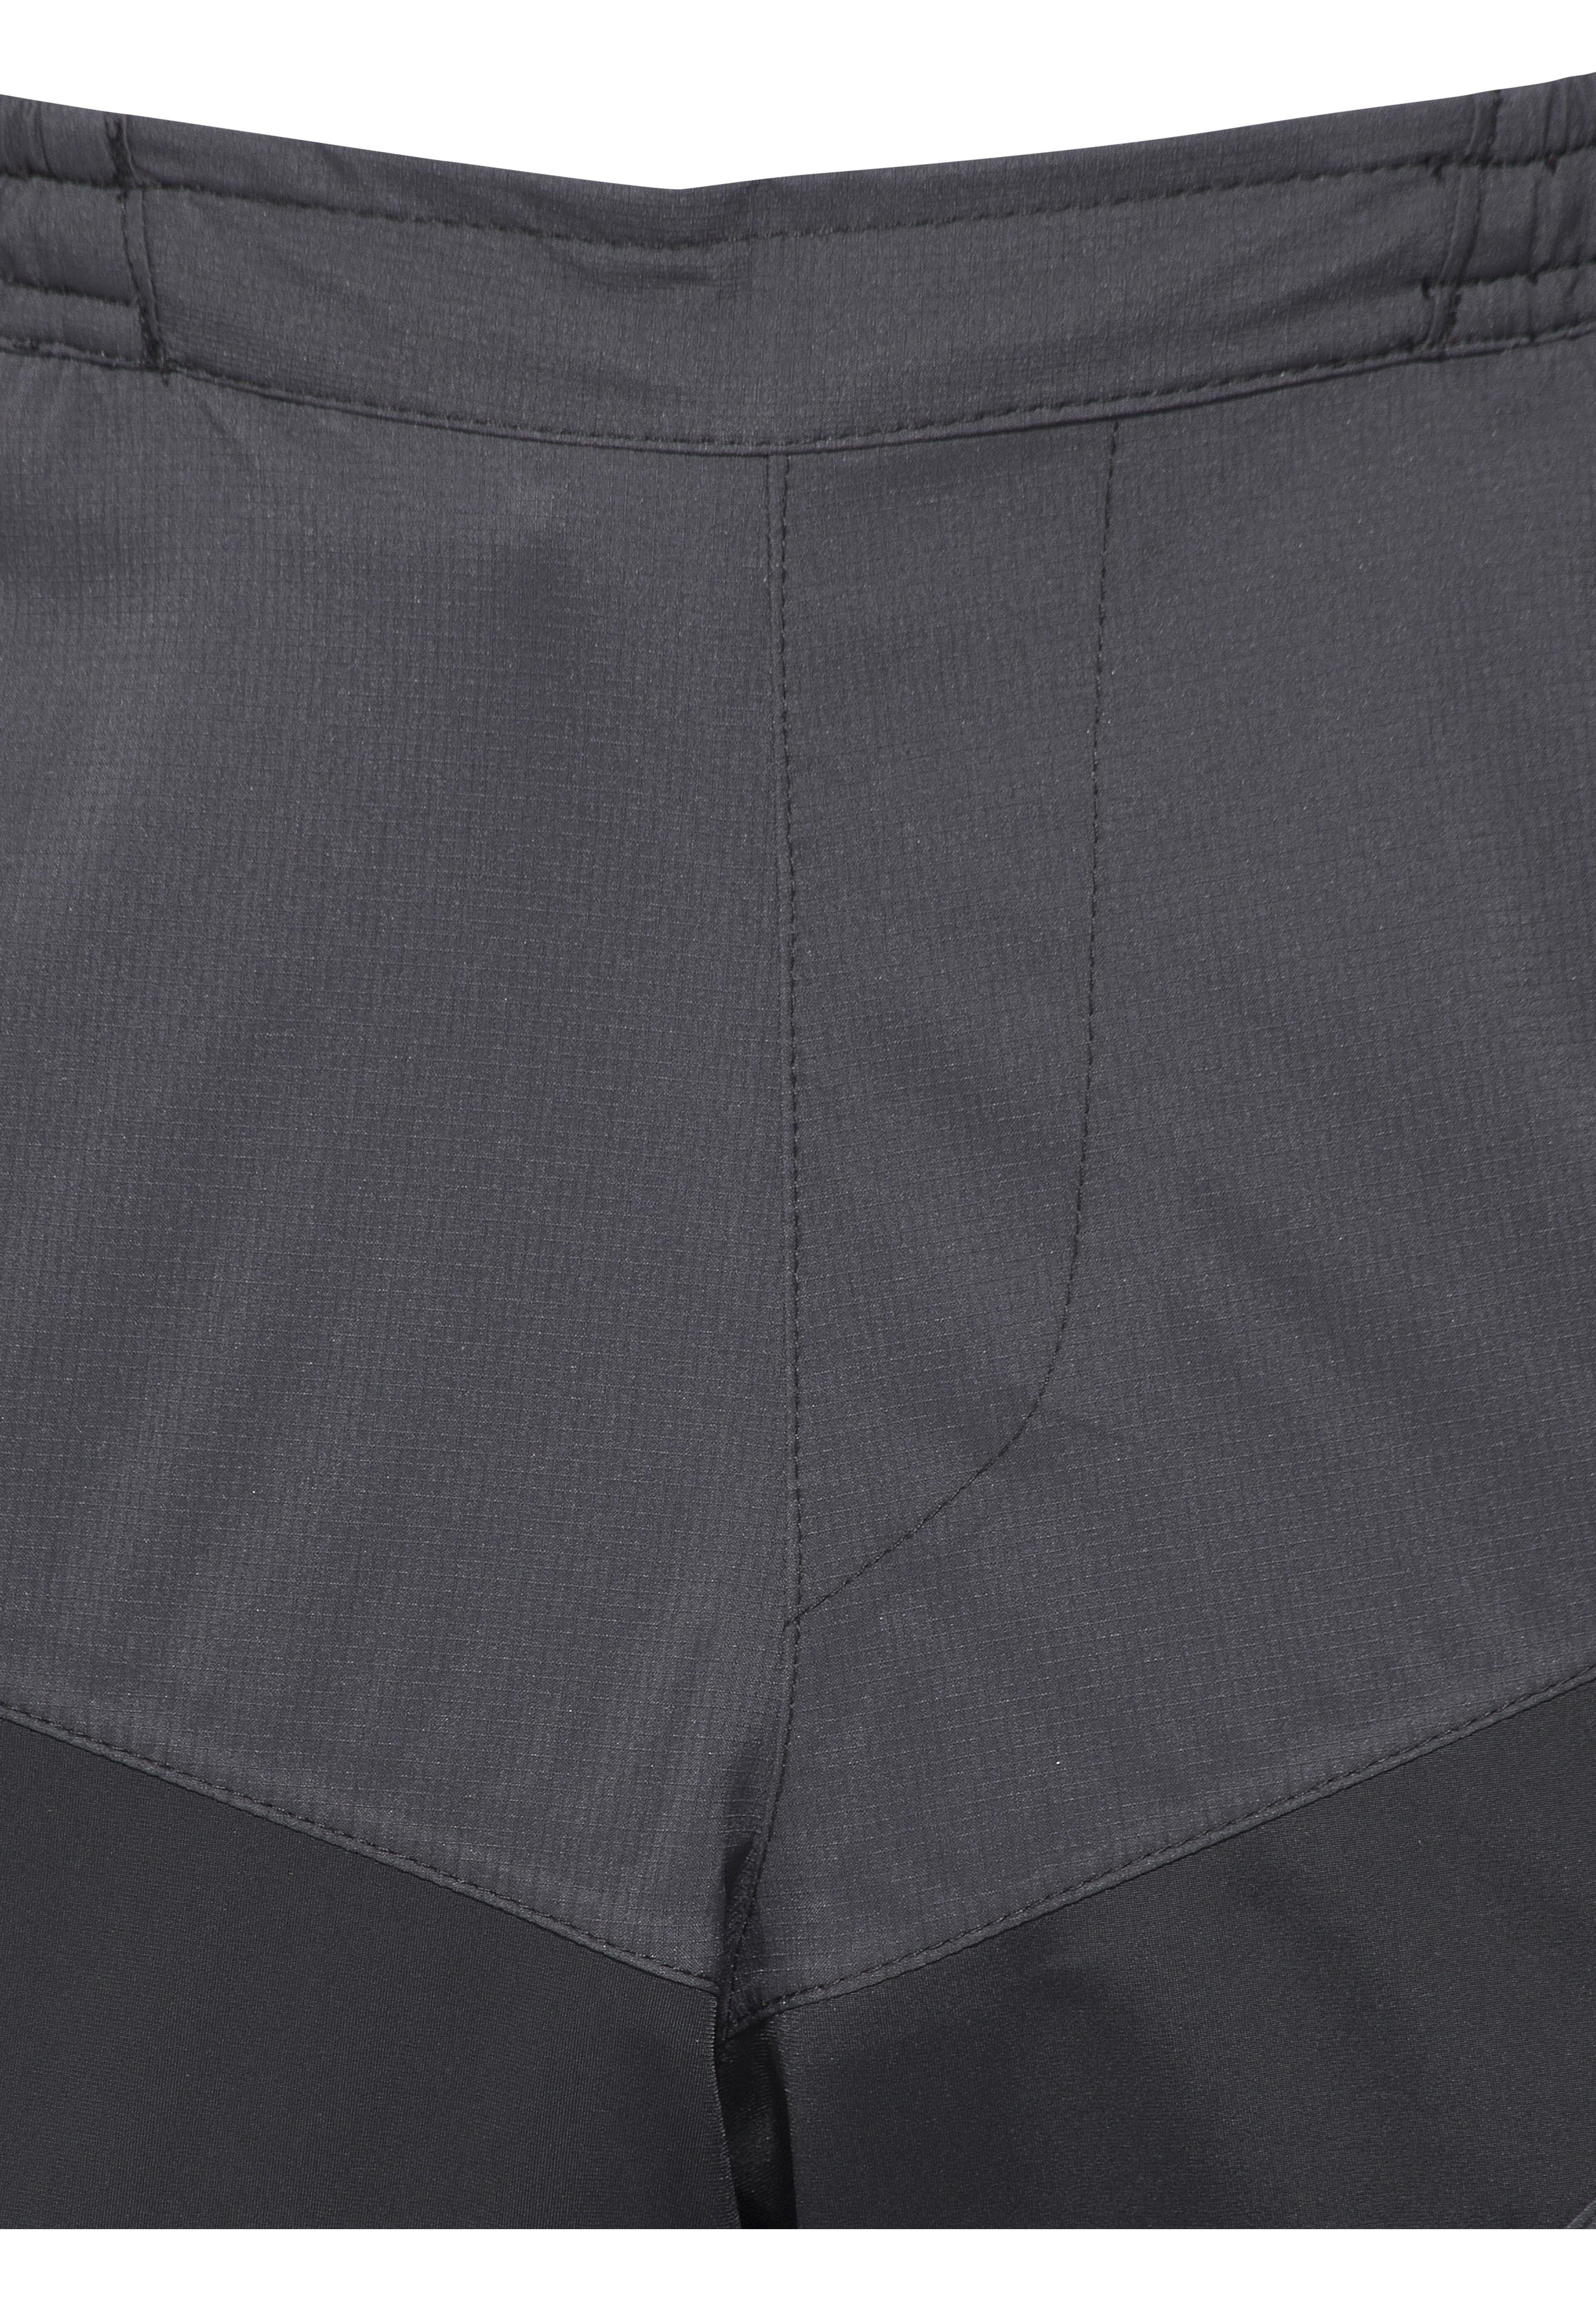 9e9cec9142 Endura MT500 II Waterproof - Culotte corto sin tirantes Hombre - amarillo  negro